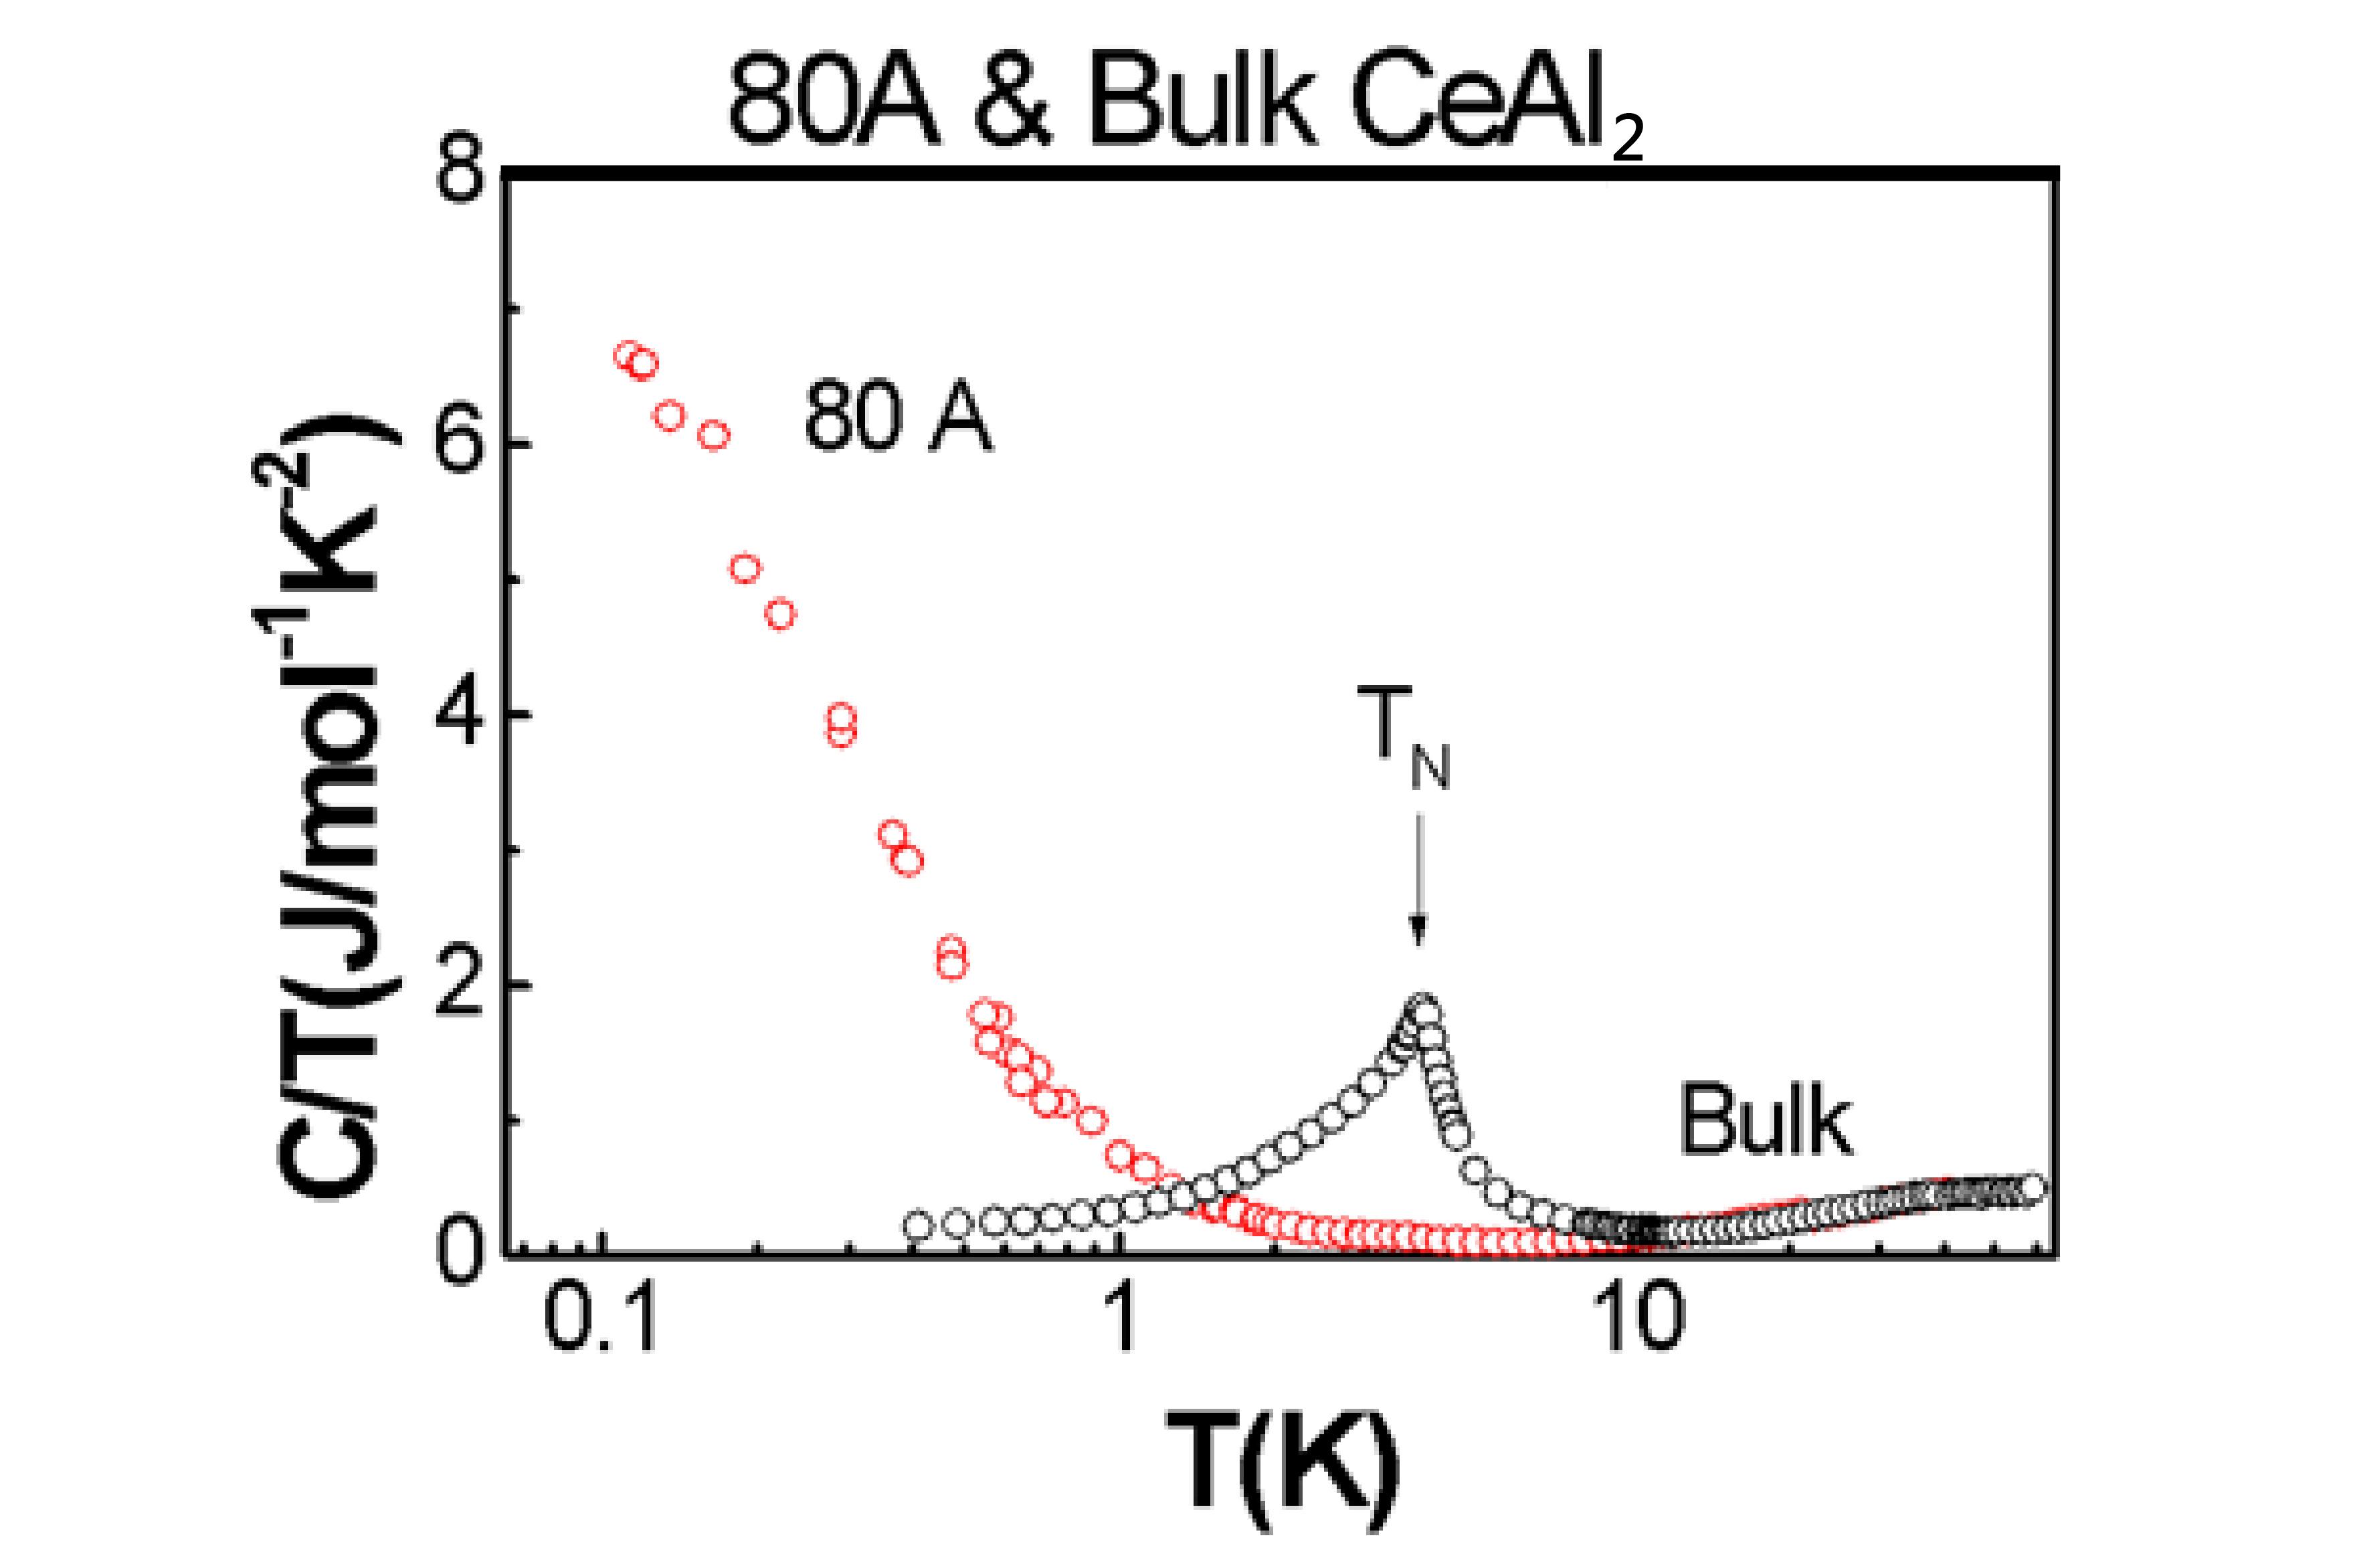 二鋁化鈰 (CeAl2) 80 nm 奈米樣品的低溫比熱與塊材截然不同,凸顯了奈米科技的獨特性。 圖片來源│陳洋元提供,取自 Size Dependence of Heavy Fermion Behavior in CeAl2